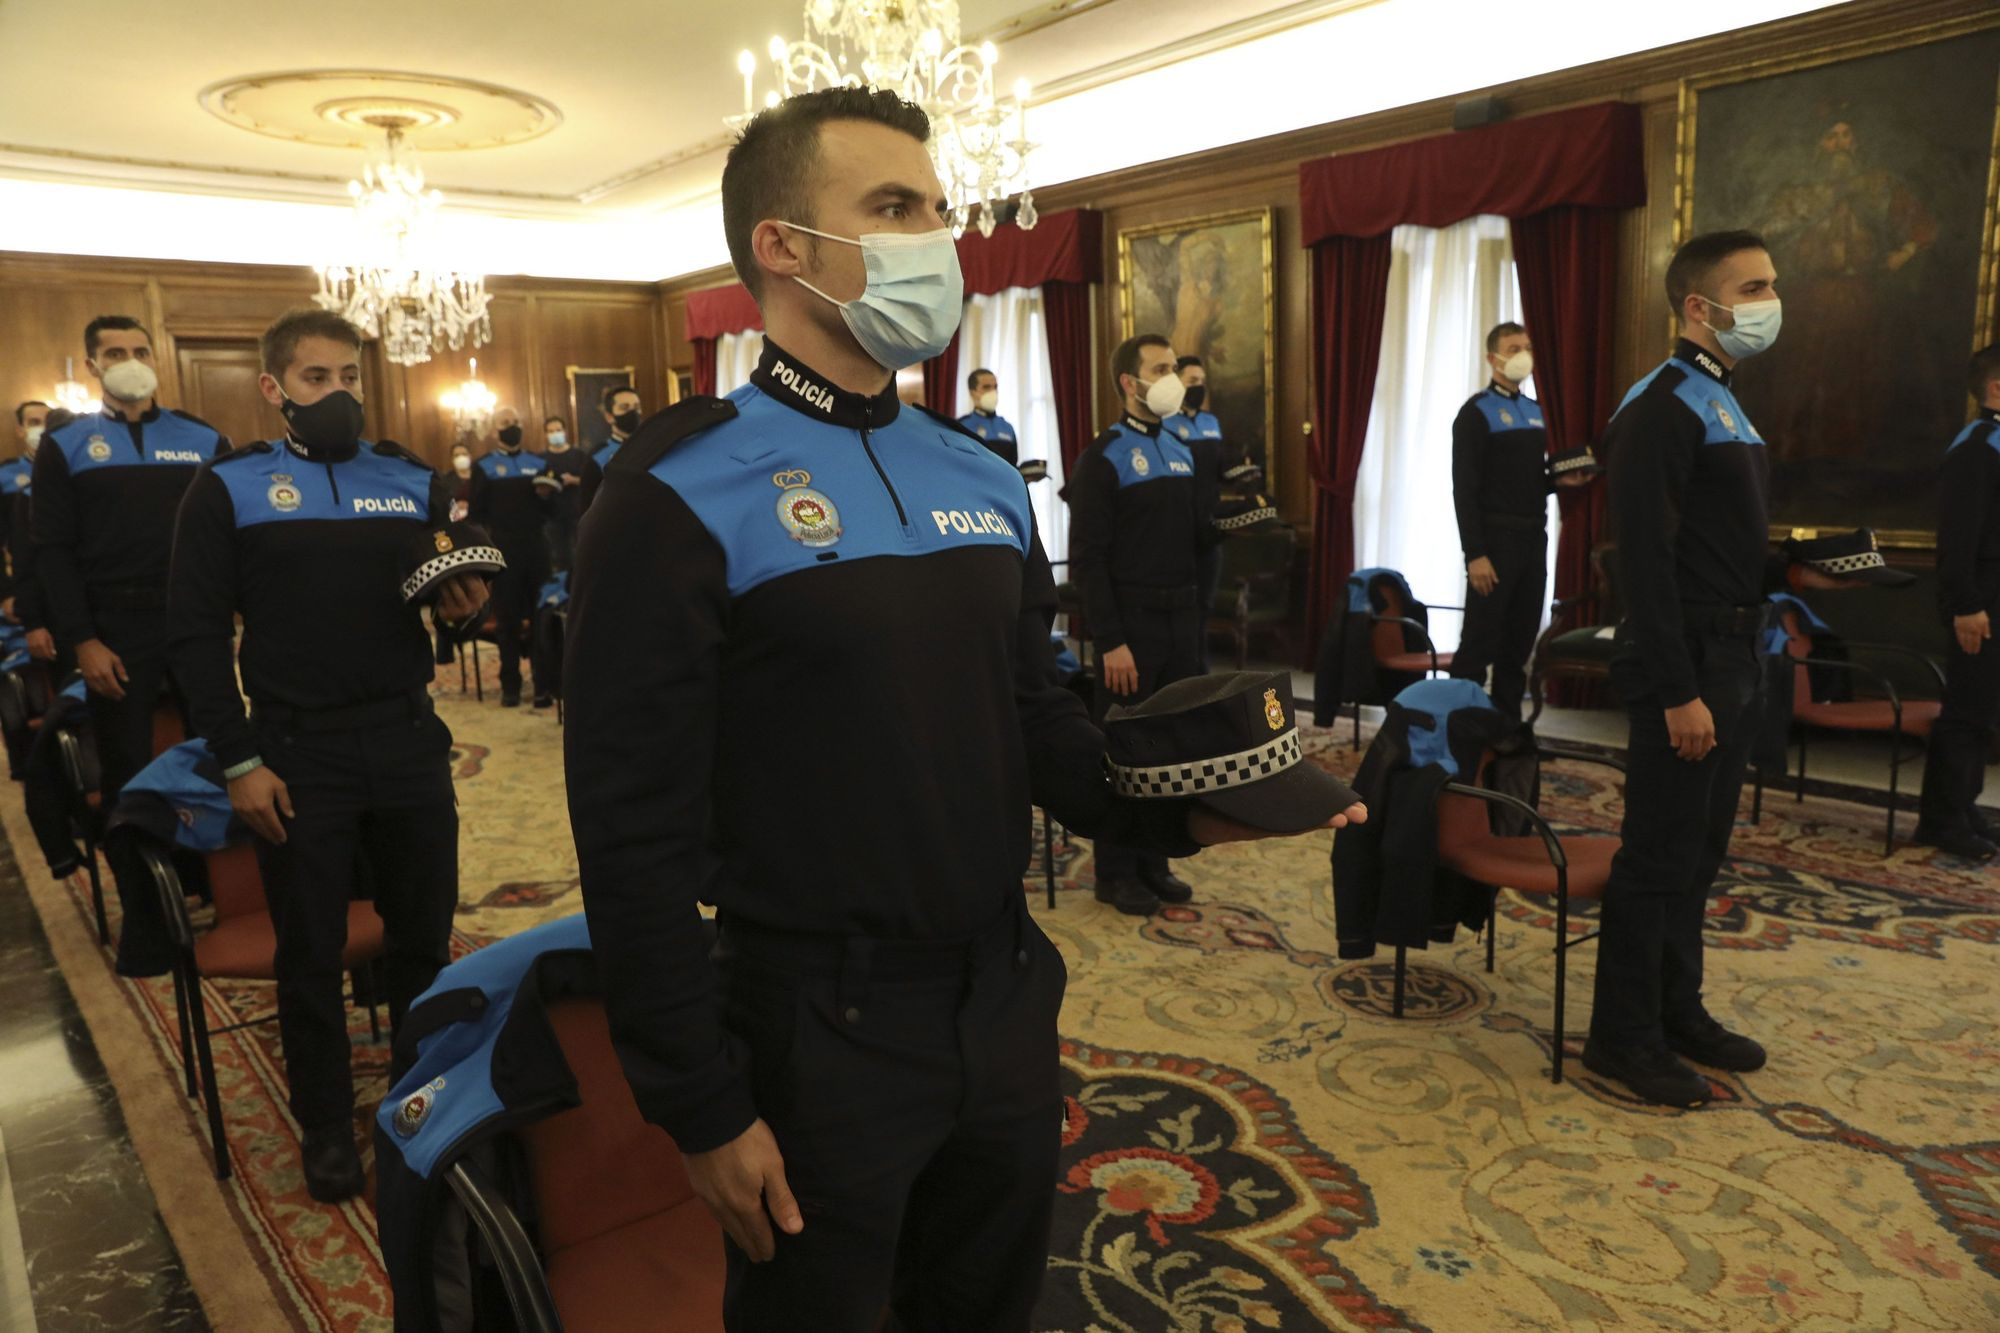 Toma de posesión de agentes de la Policía Local de Avilés